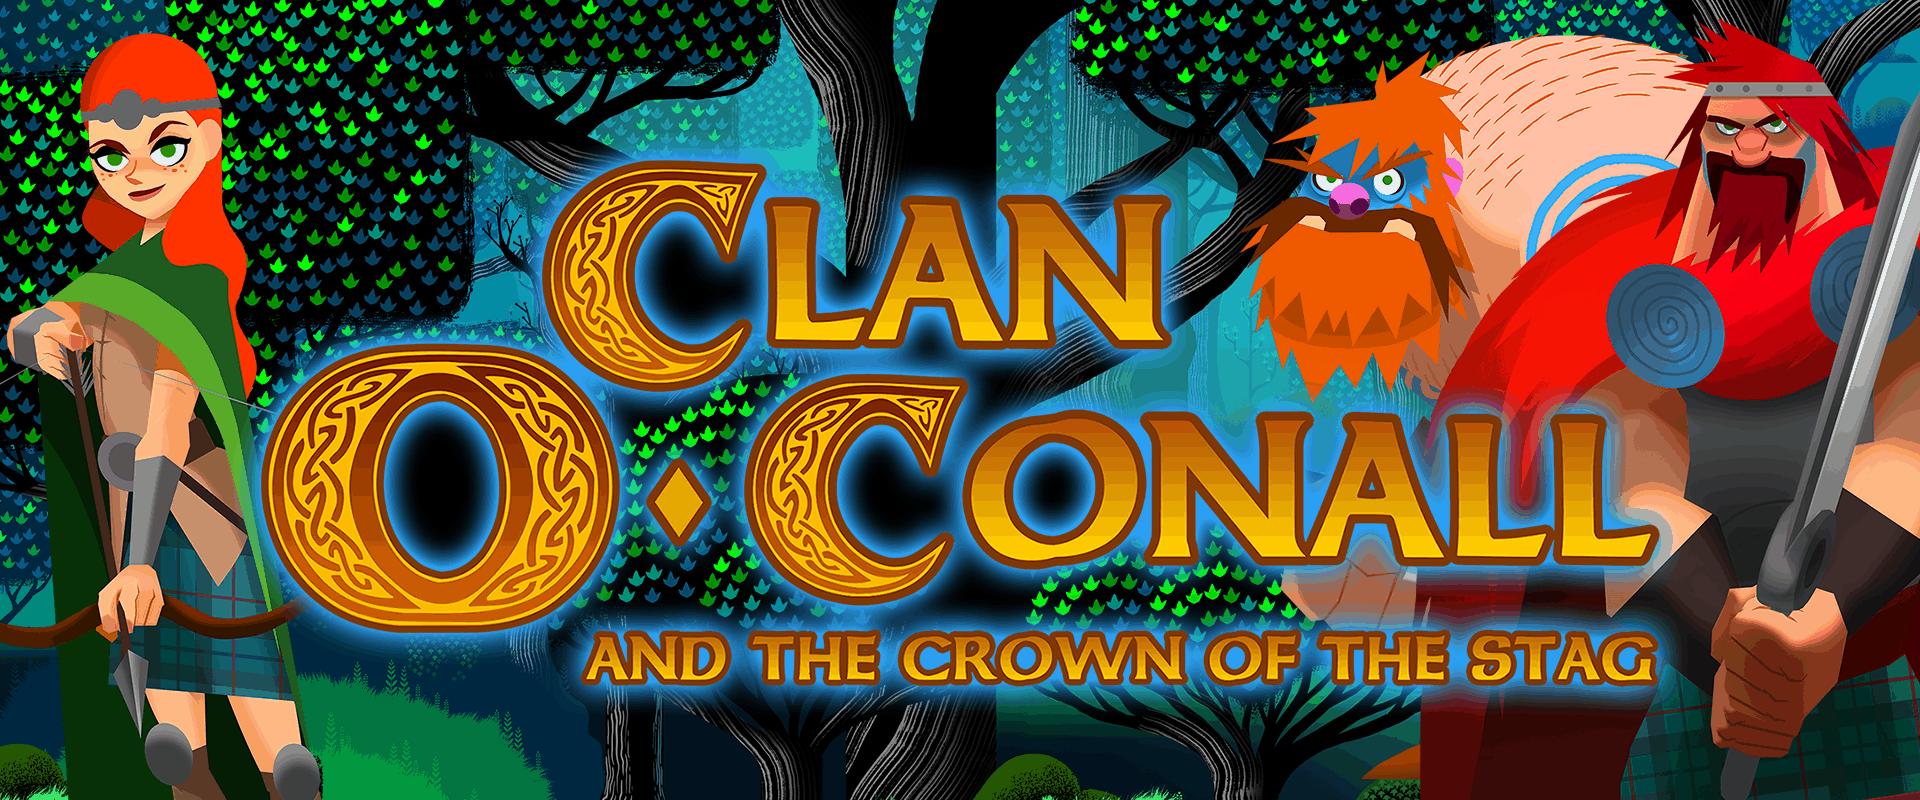 Games Clan-O-Conall